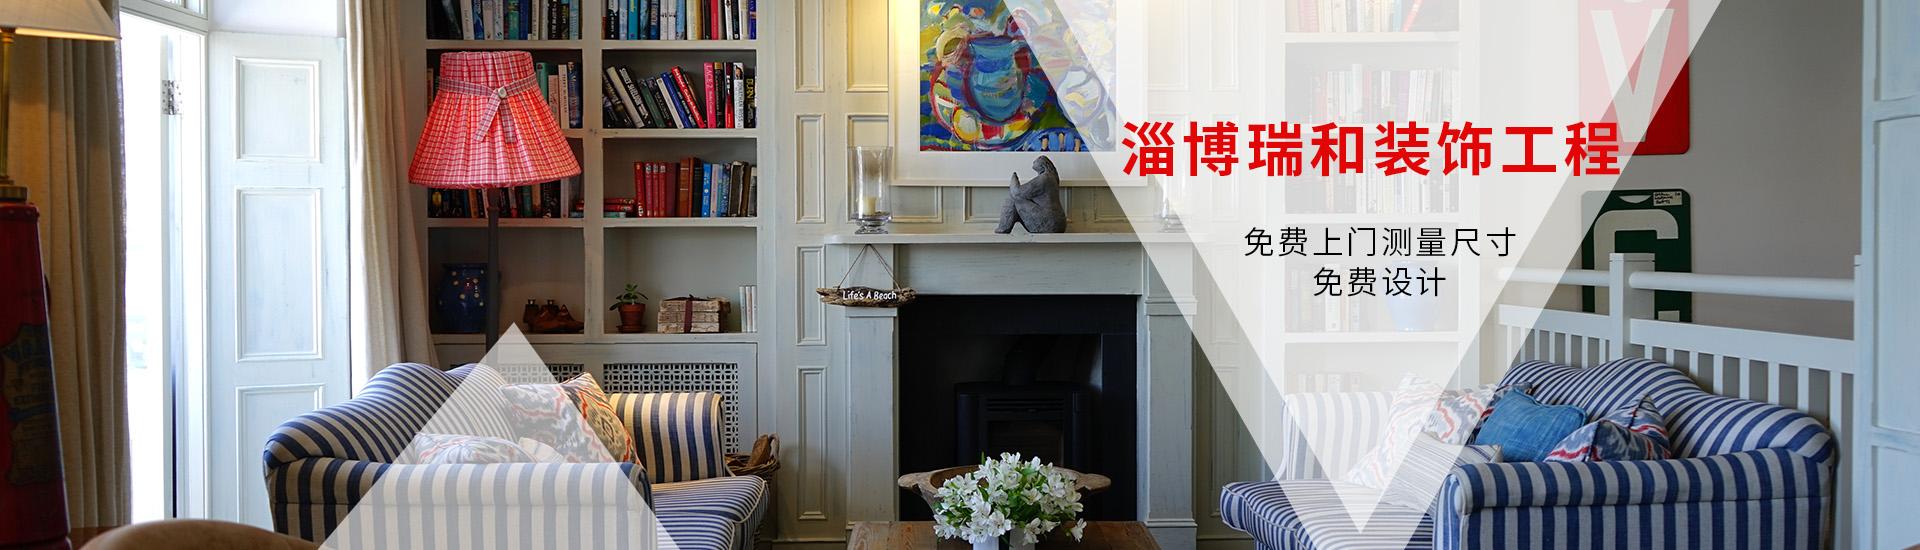 淄博瑞和装饰工程有限公司